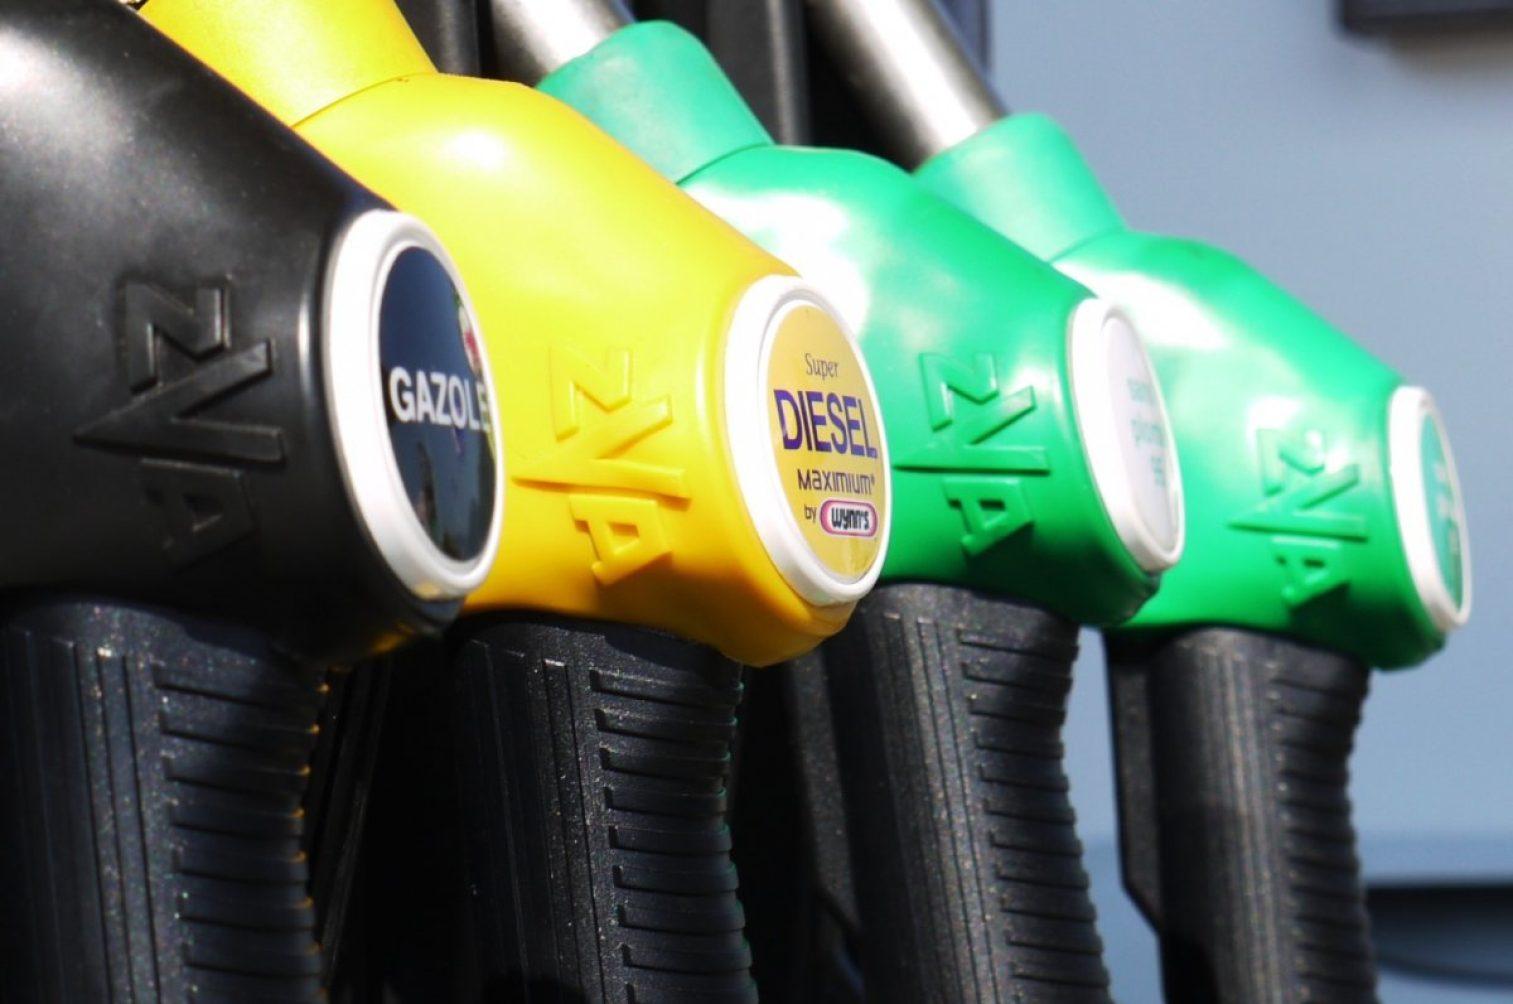 gasoline, diesel, petrol